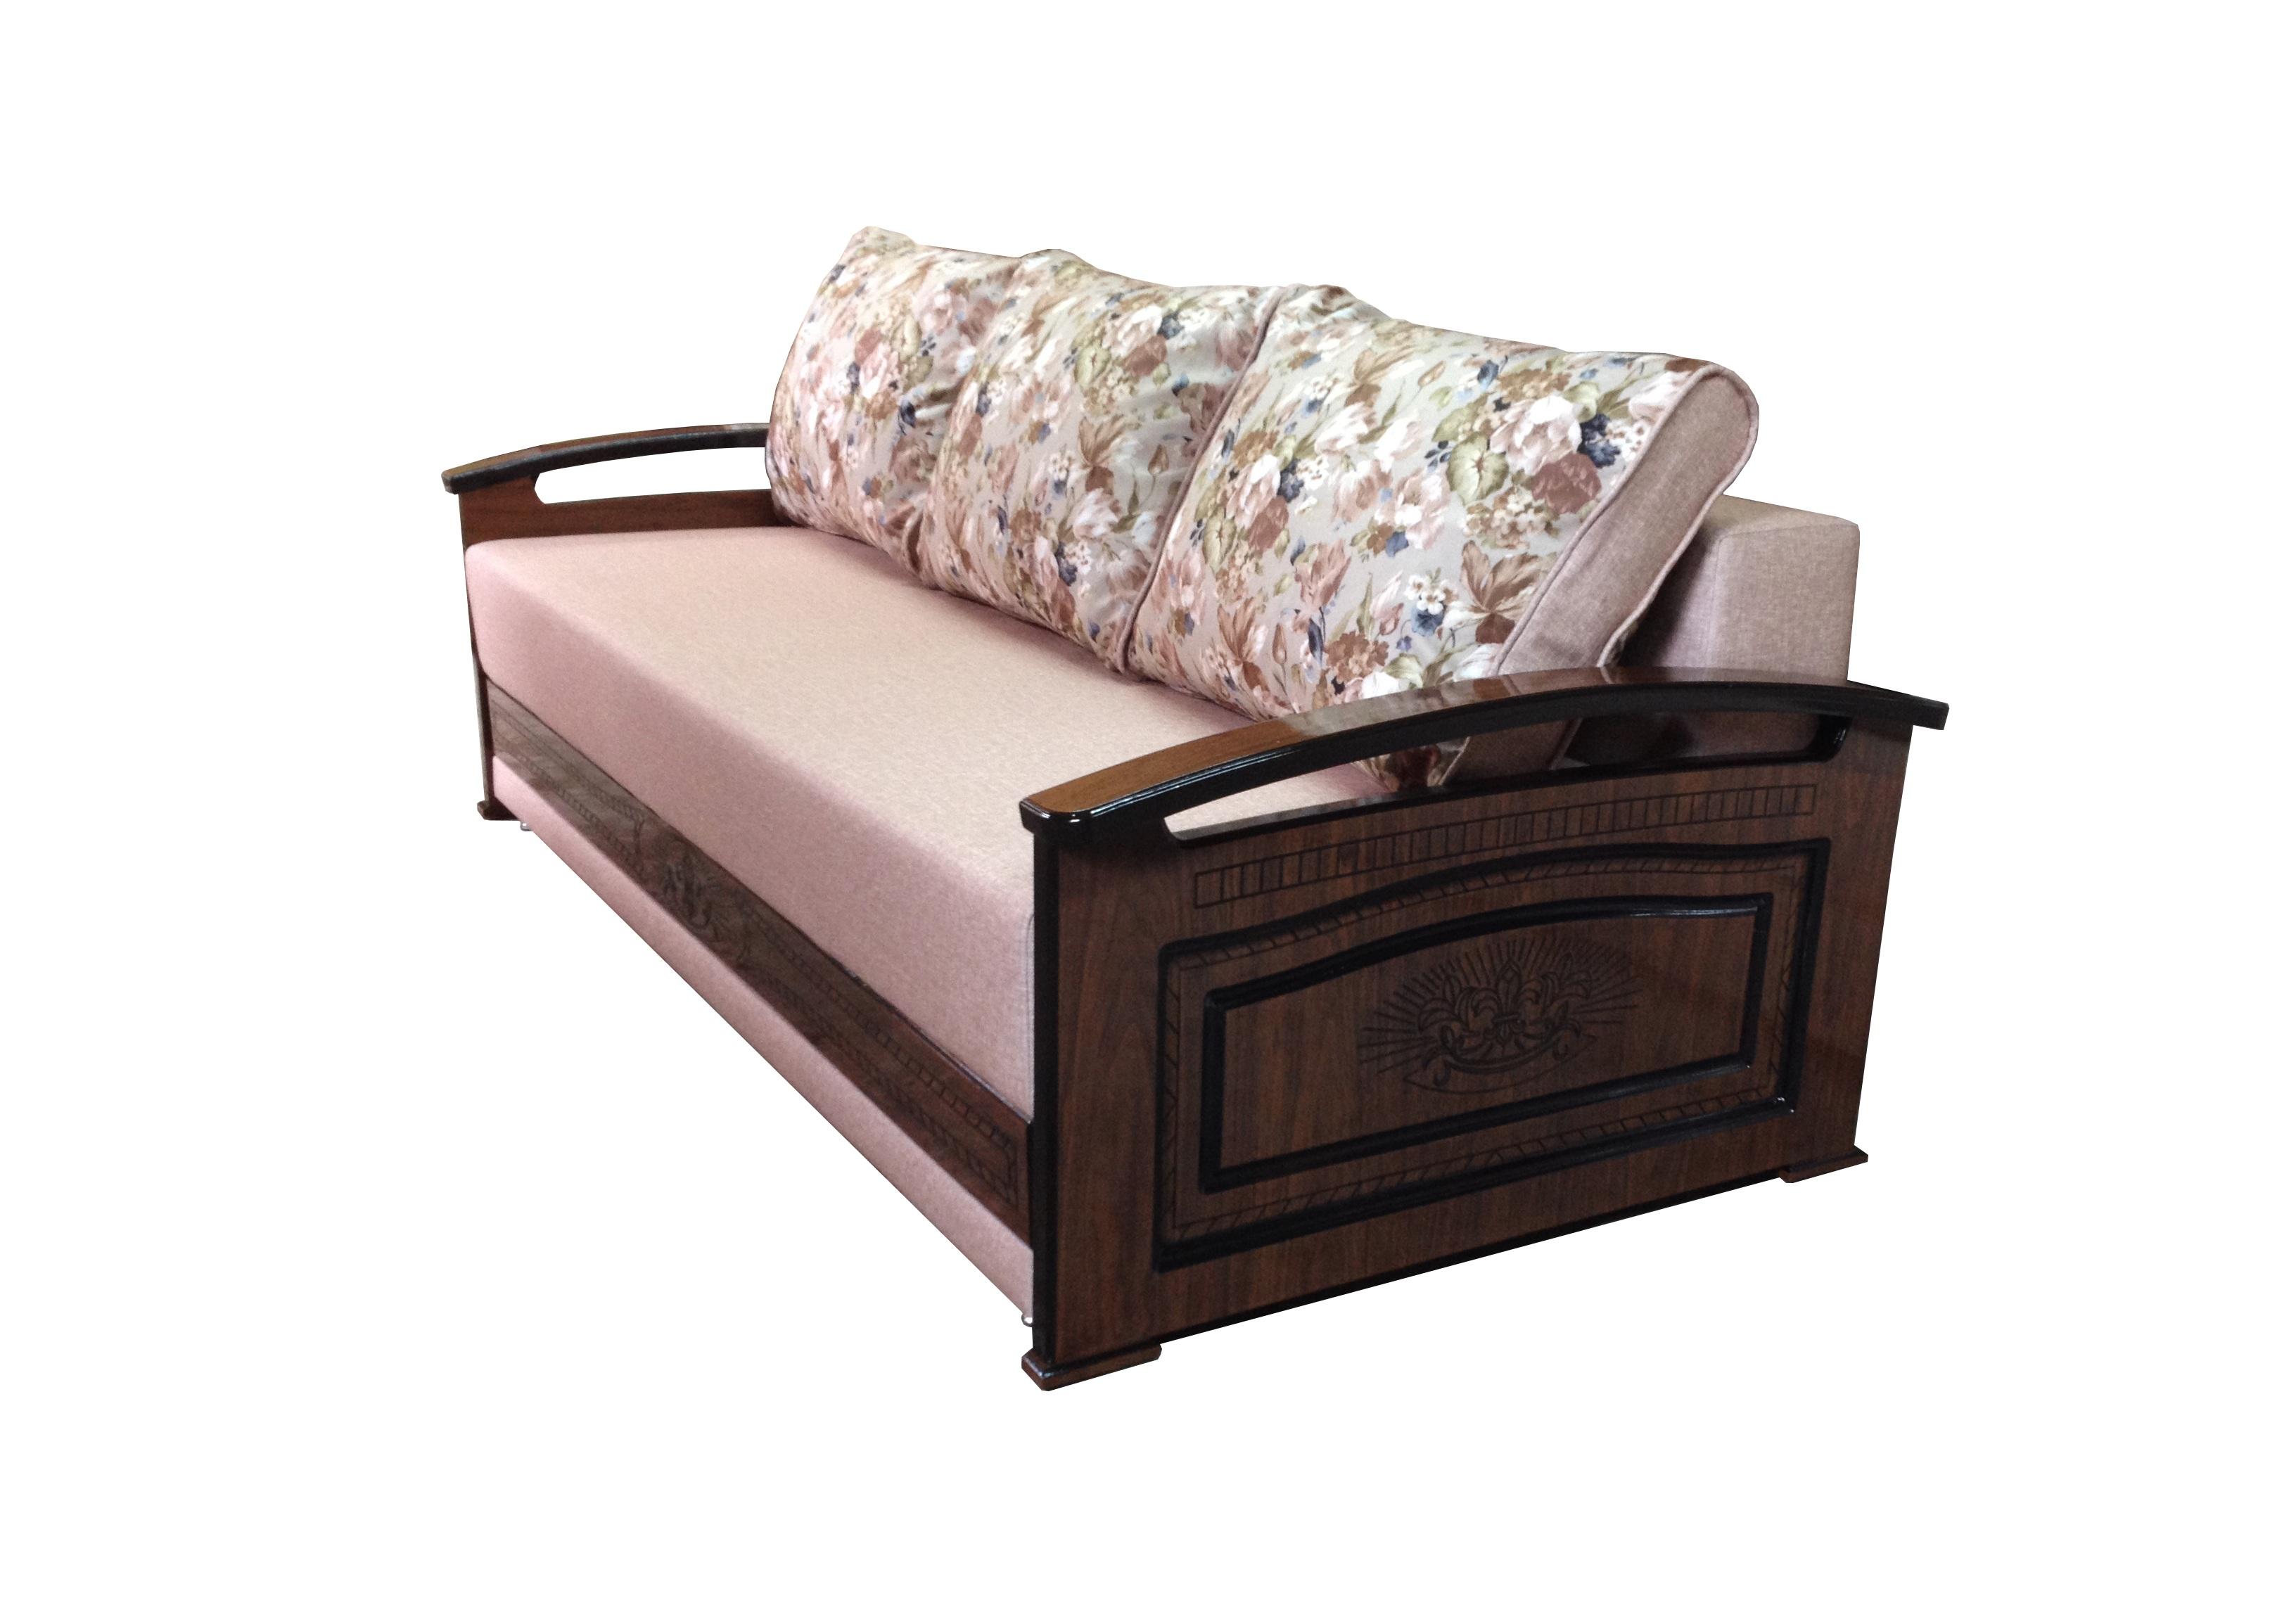 fotos gratis mesa rbol ligero foto patrn mueble sof decoracin flores producto diseo hermosa estilo sencillo brazo plegable haya